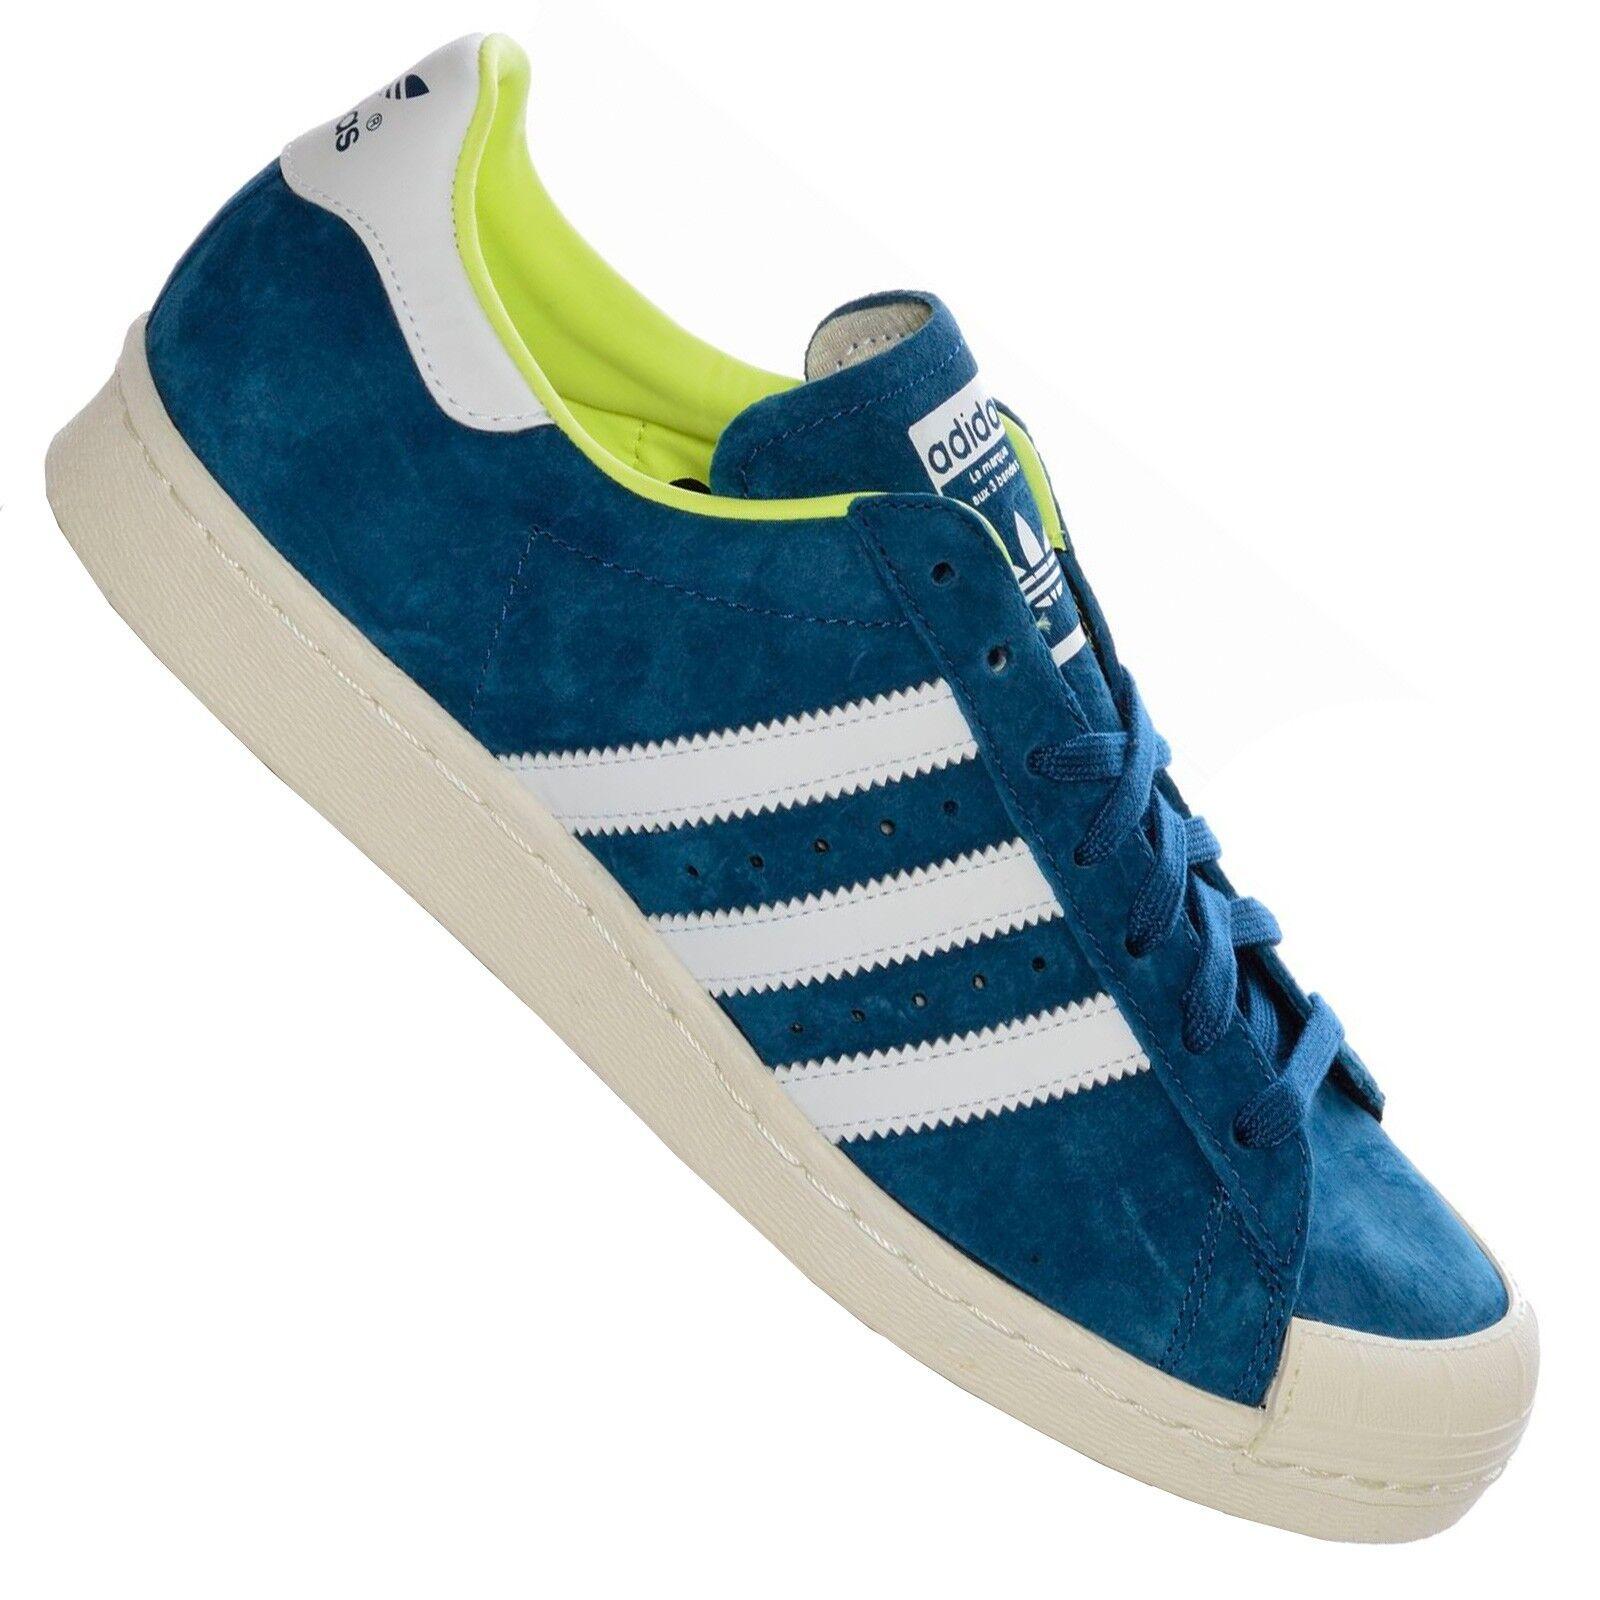 Adidas Originals 80 Superestrella DE LOS AÑOS 80 Originals halfshell deportiva de piel ff59f8